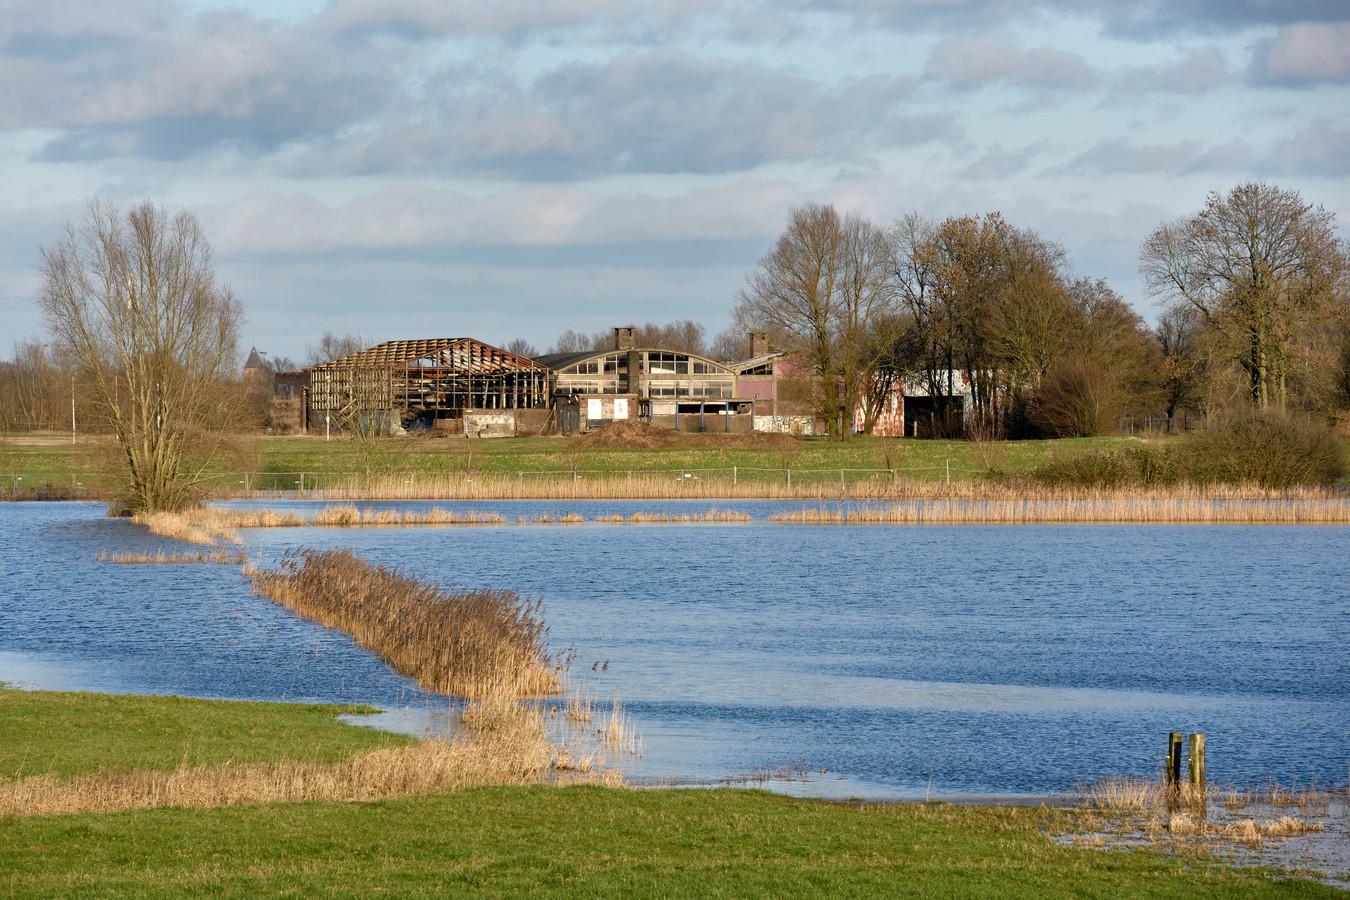 Ondergelopen weilanden langs de IJssel, dat zal vaker gaan gebeuren. De boeren  staan daar niet bij te juichen. Archieffoto Gerard Burgers